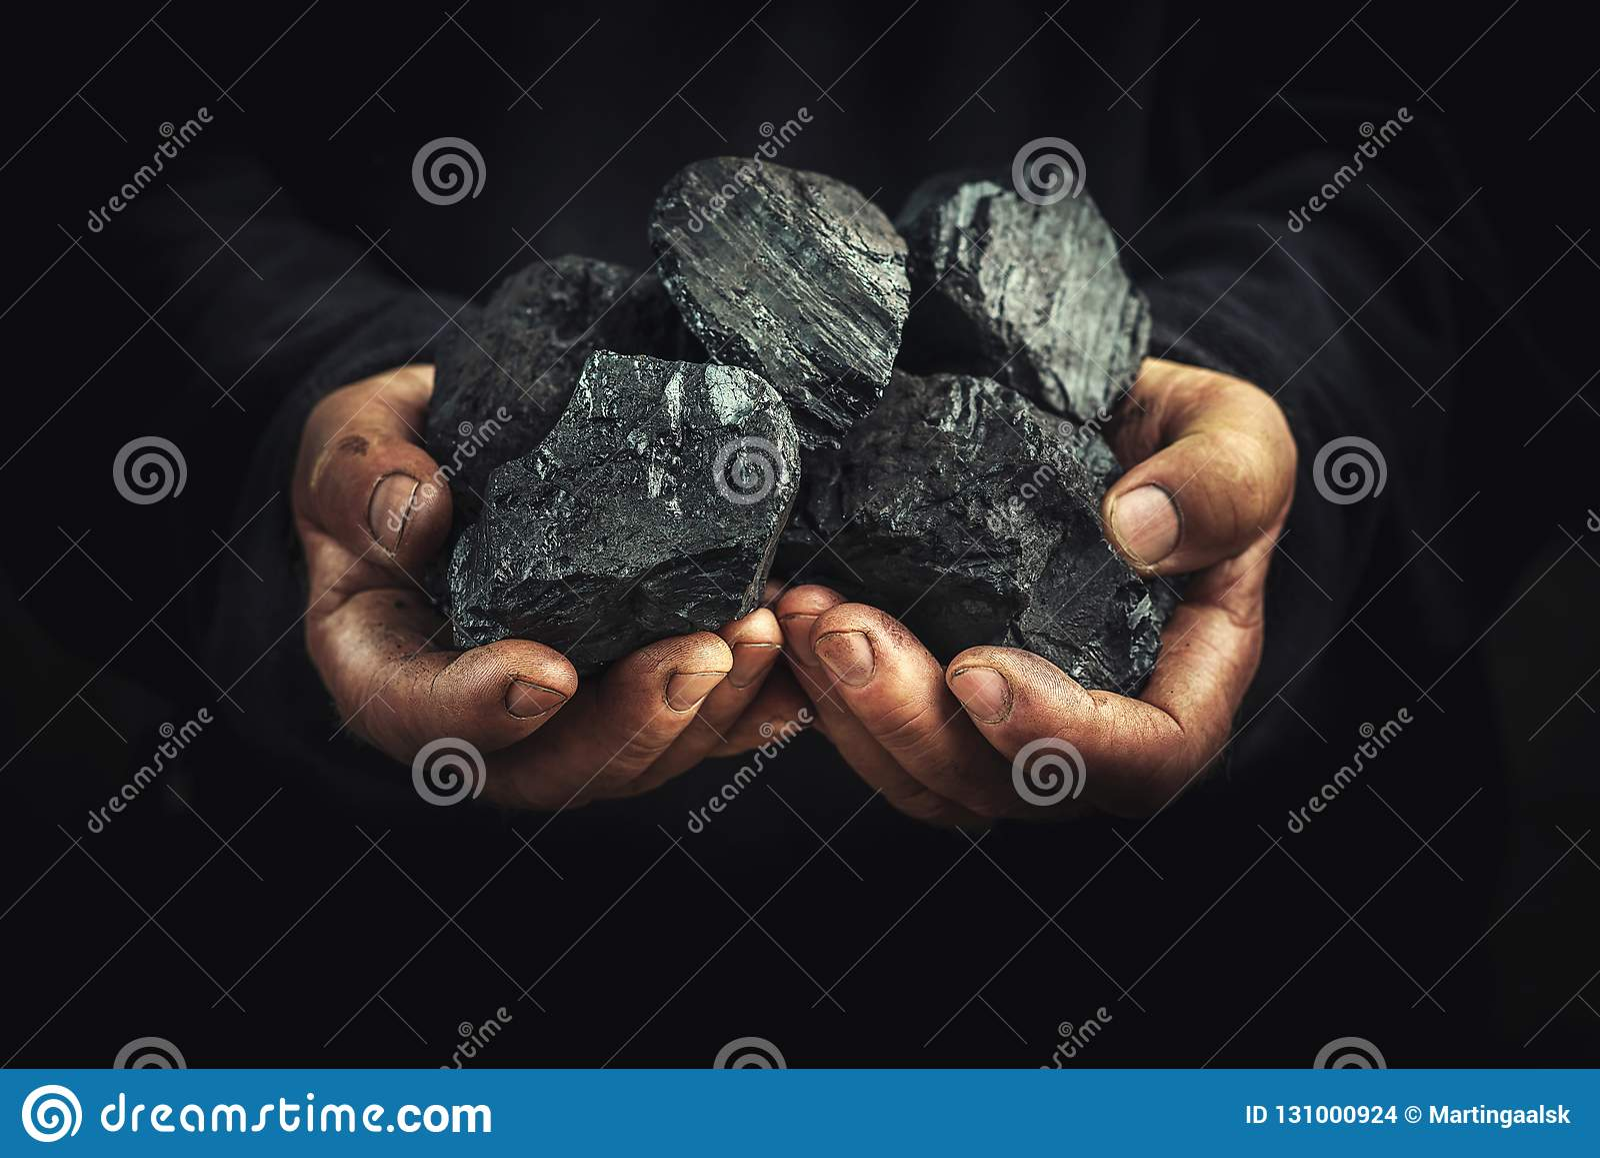 Schwarze Kohle in den Händen, Schwerindustrie, Heizung